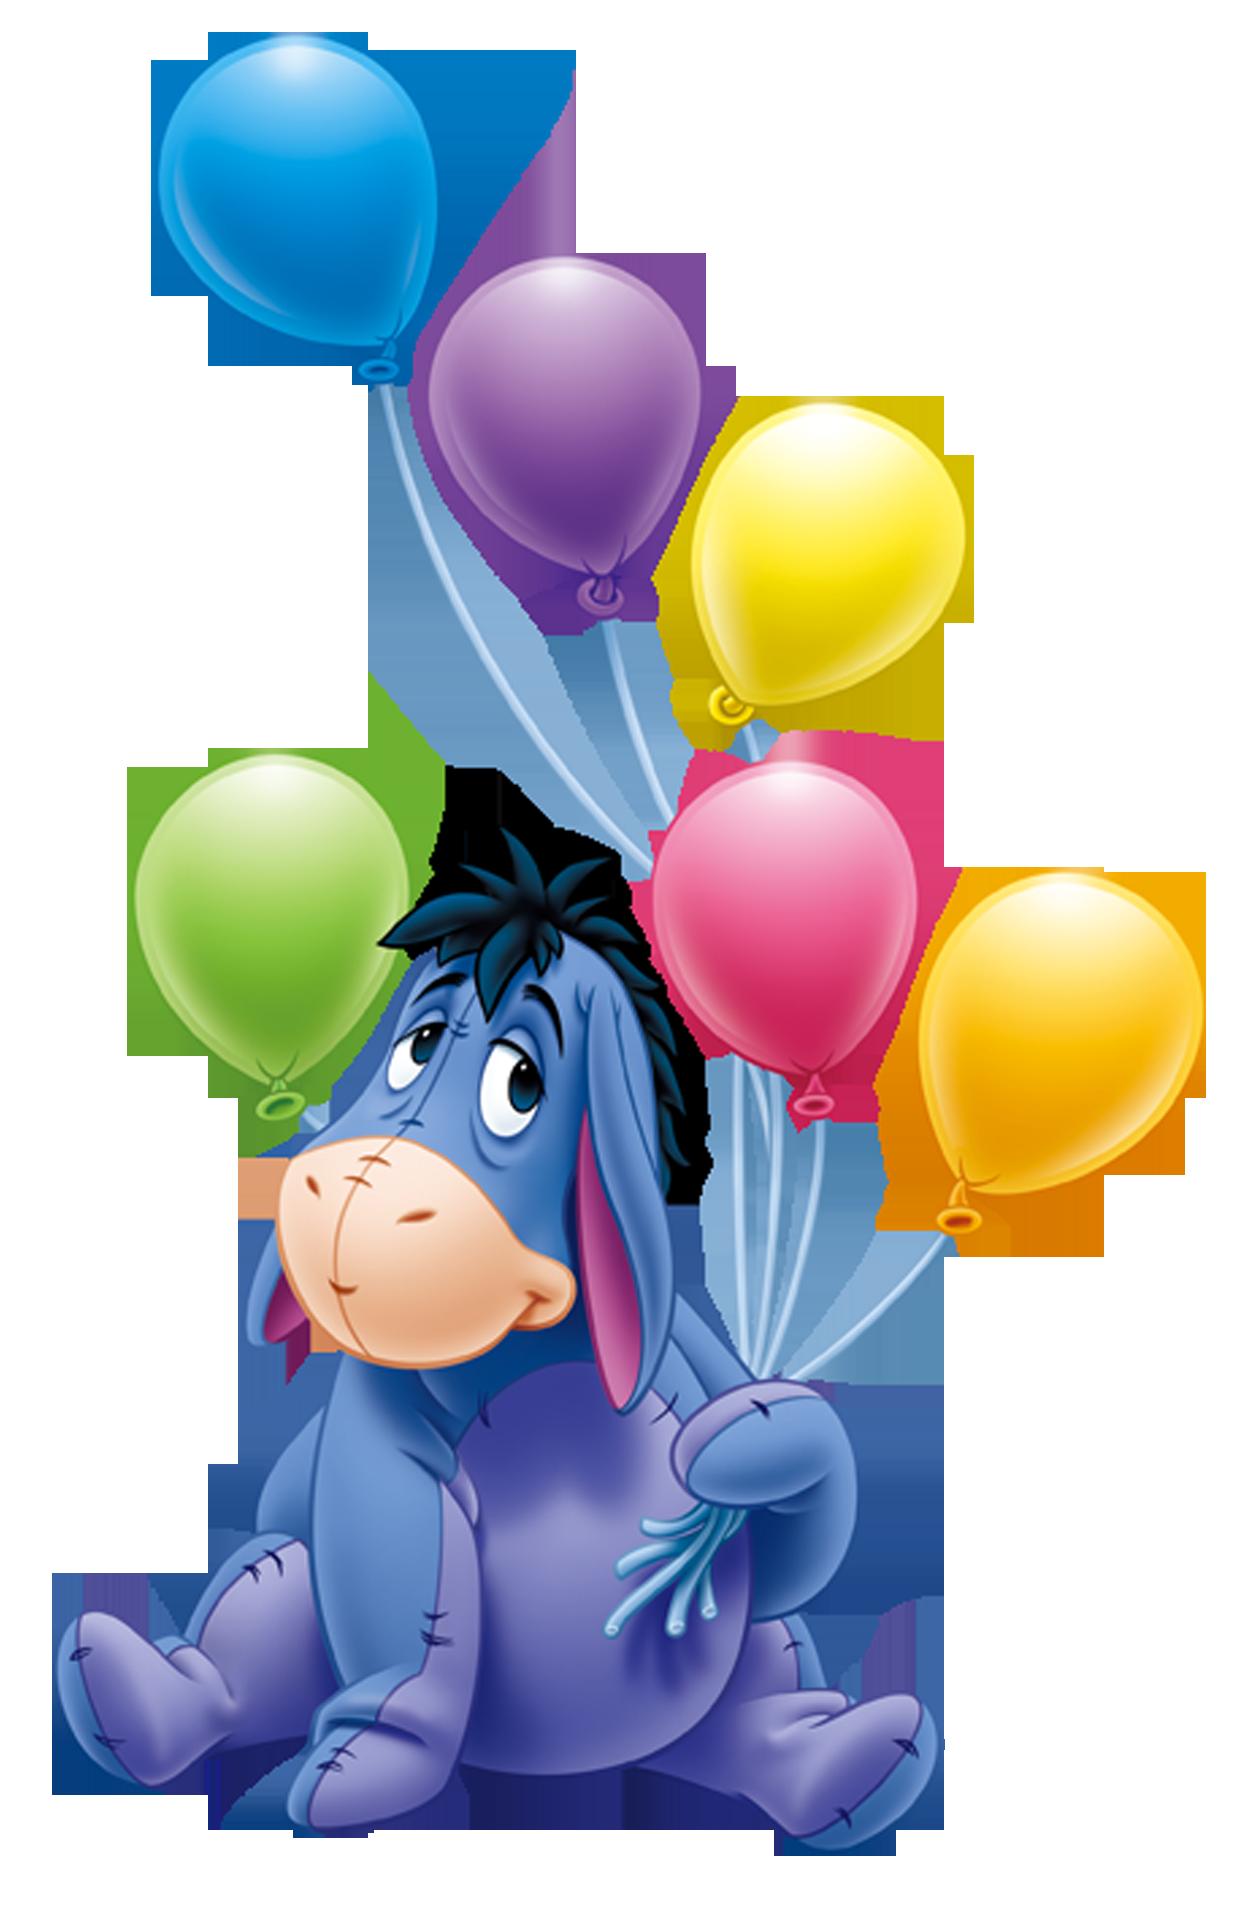 Eeyore With Balloons PNG Transparent Cartoon